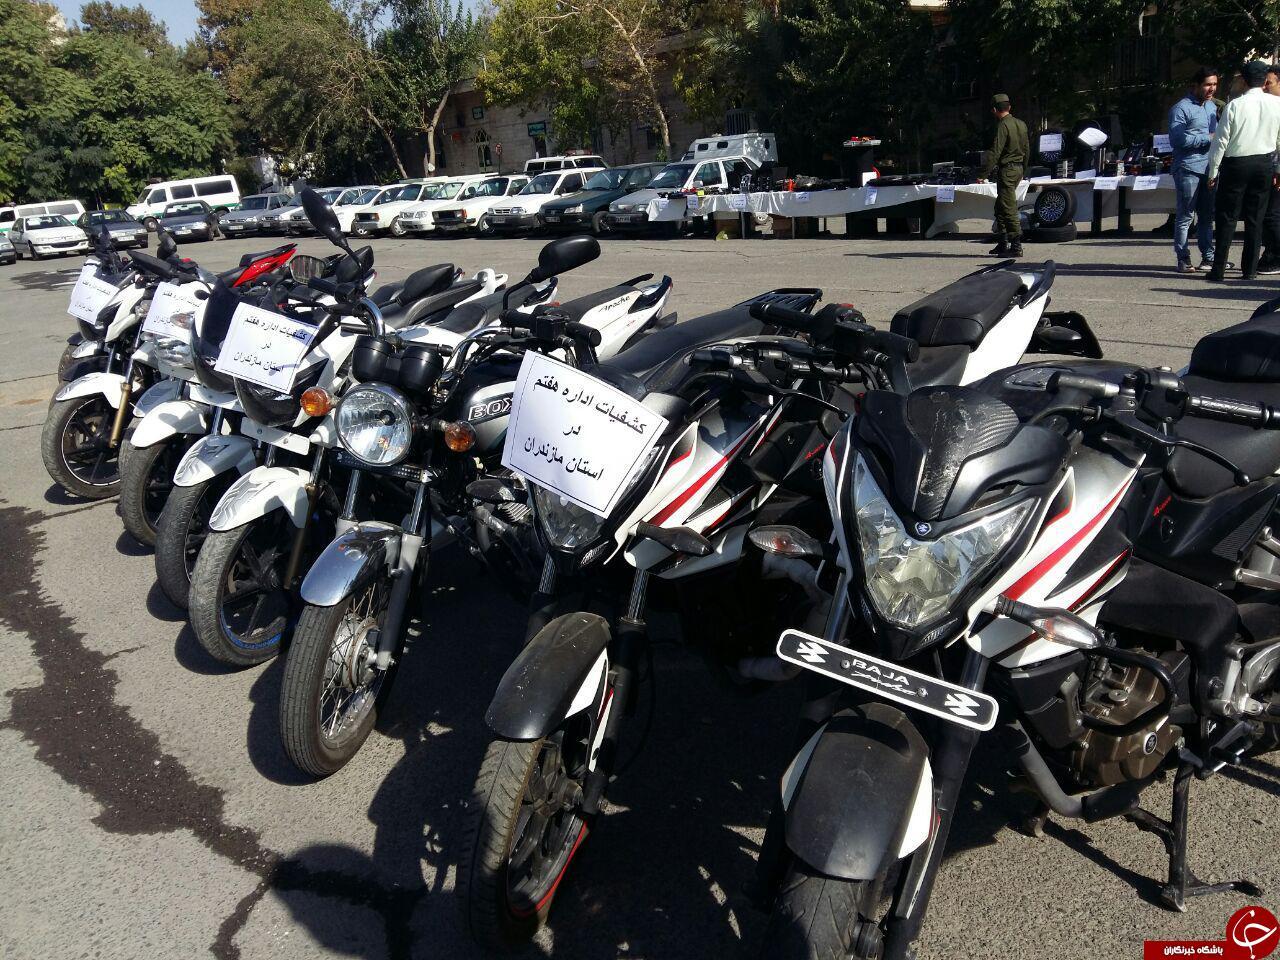 باشگاه خبرنگاران -دستگیری باند 12 نفره سارقان موتورسیکلت/ کشف موتورهای سرقتی در مازندران